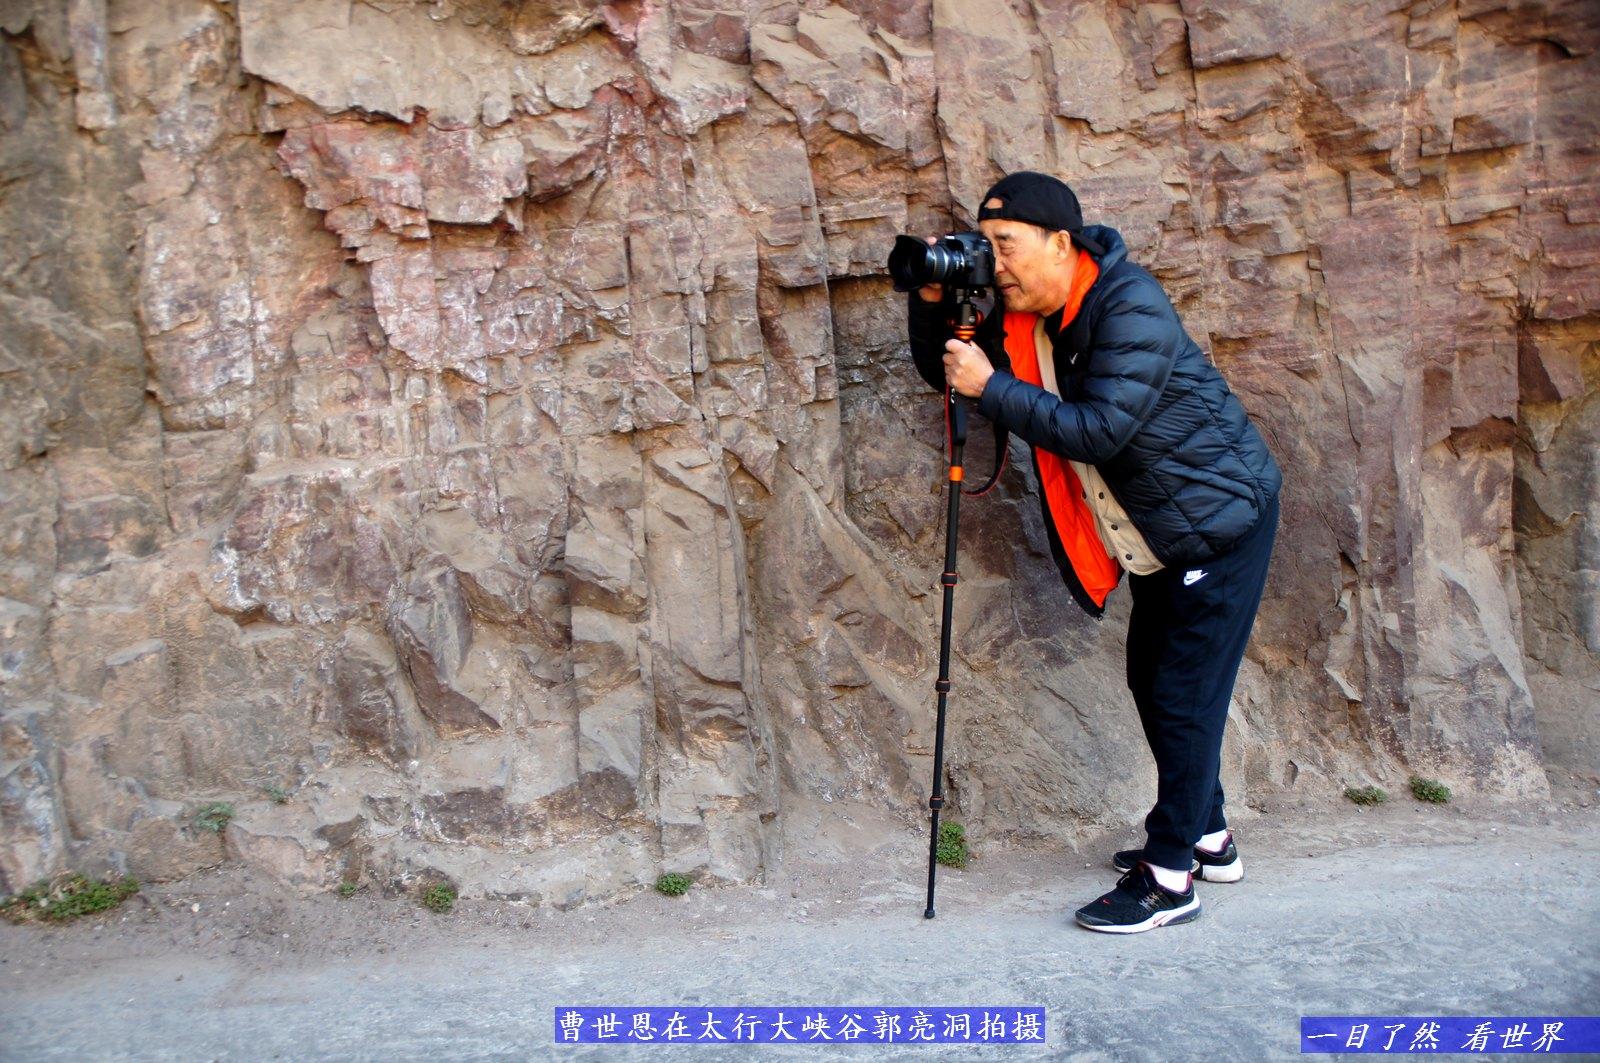 万仙山太行大峡谷郭亮洞曹世恩拍摄-79-1600.jpg